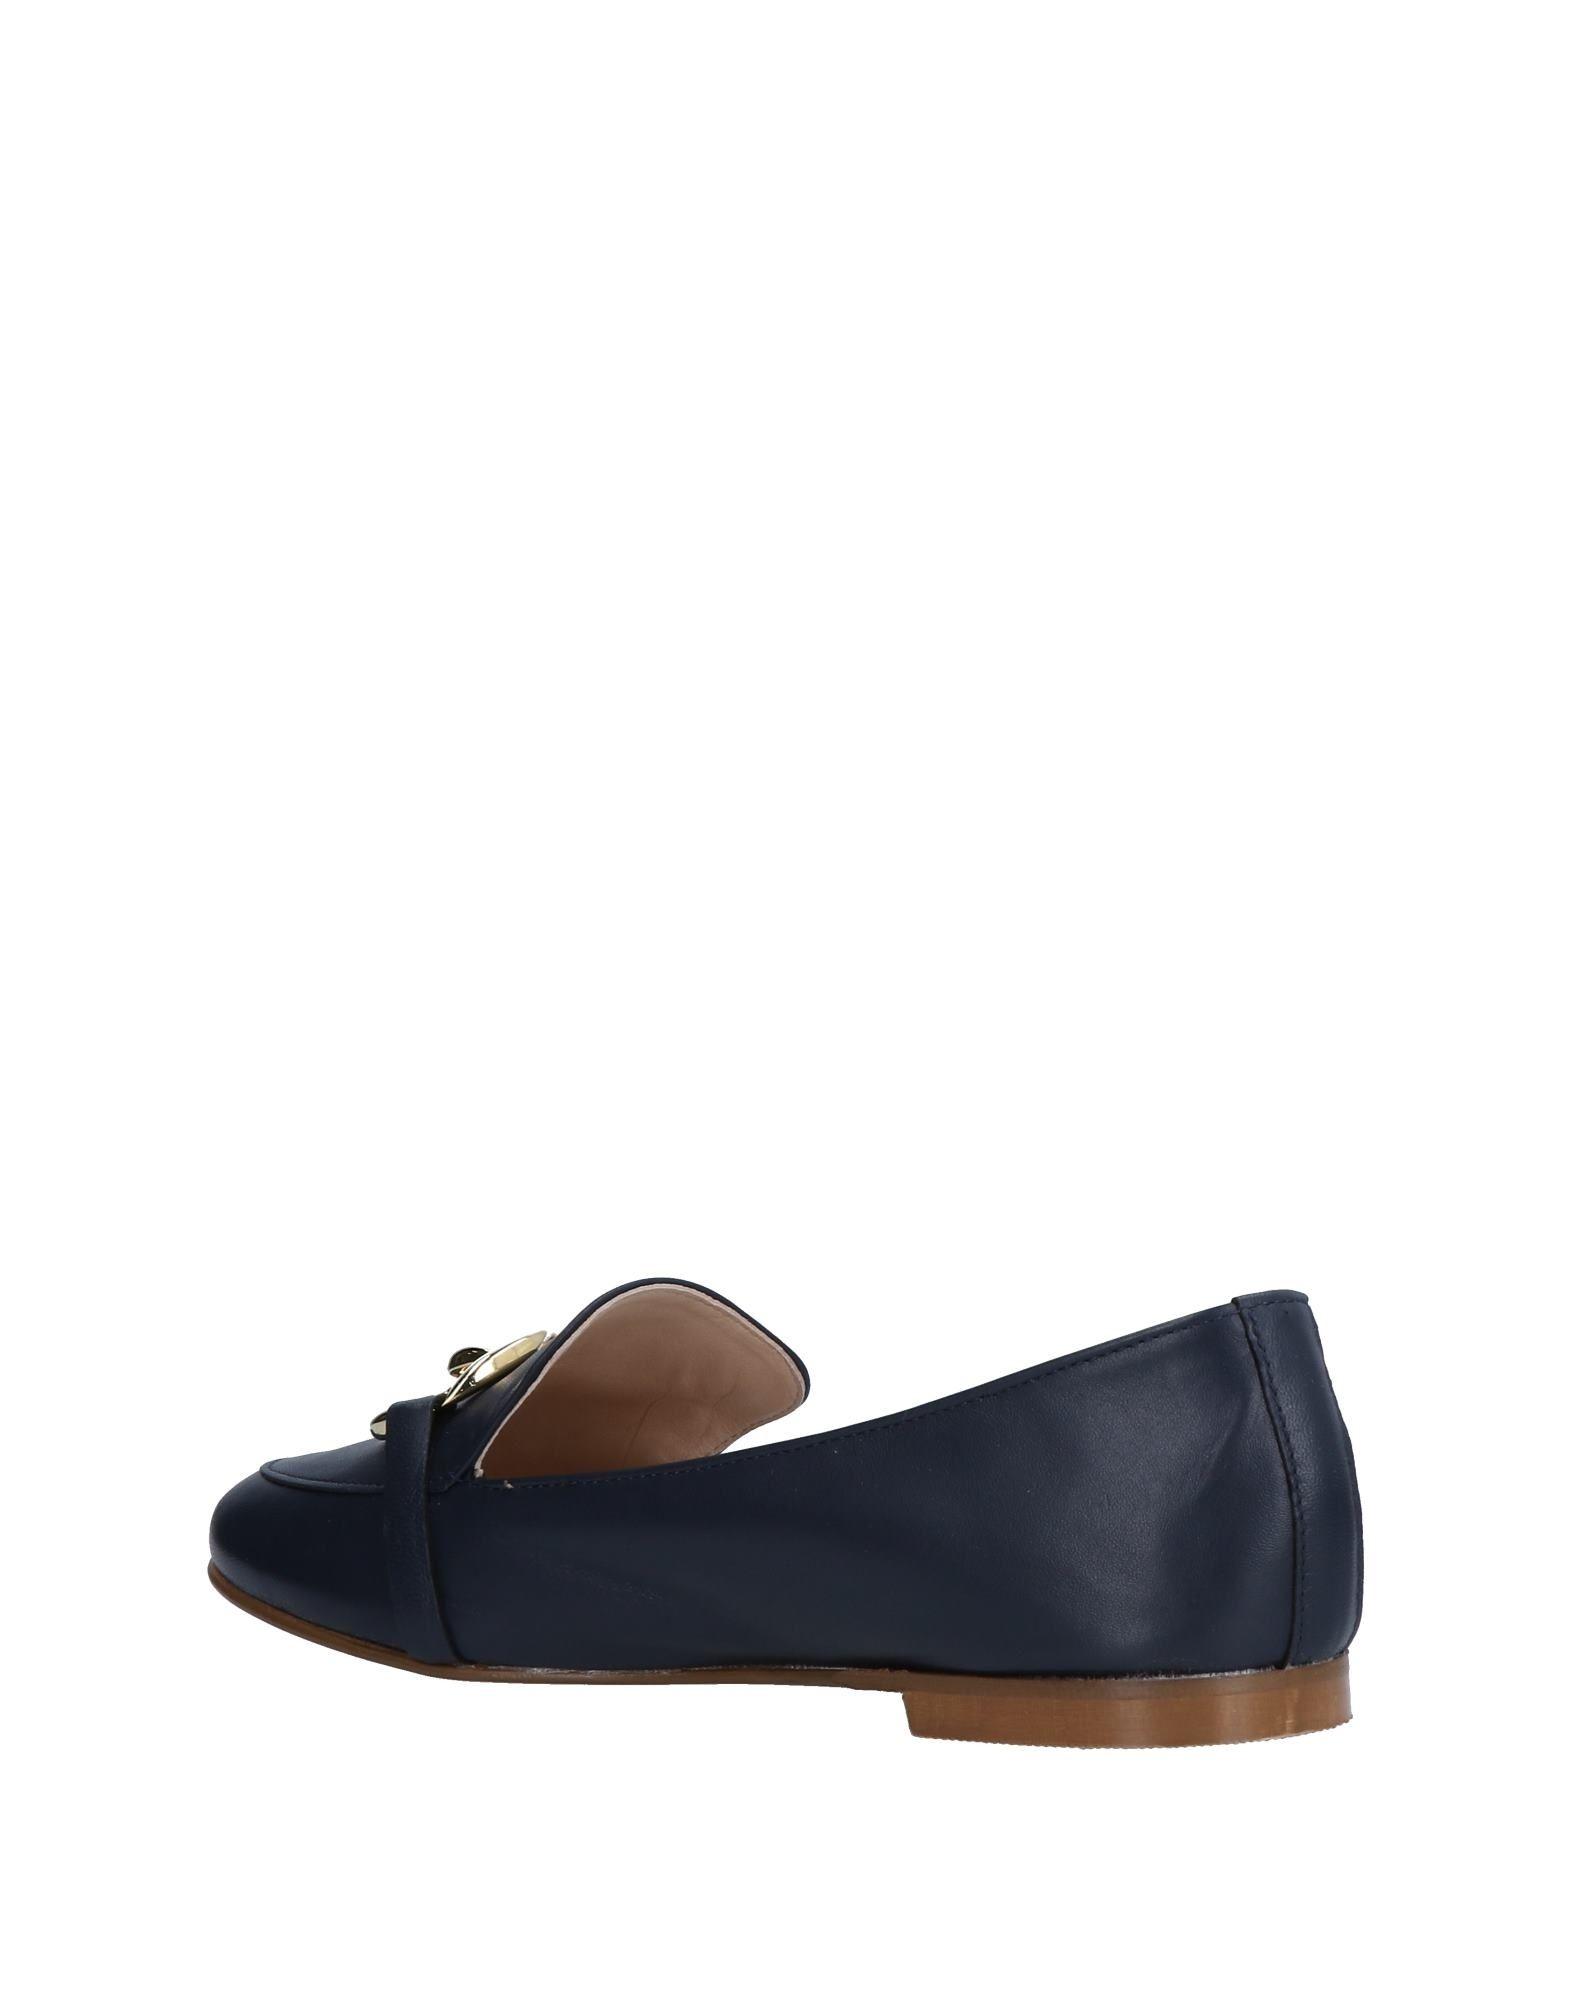 Cantarelli Mokassins beliebte Damen 11516301RS Gute Qualität beliebte Mokassins Schuhe 1c21a5